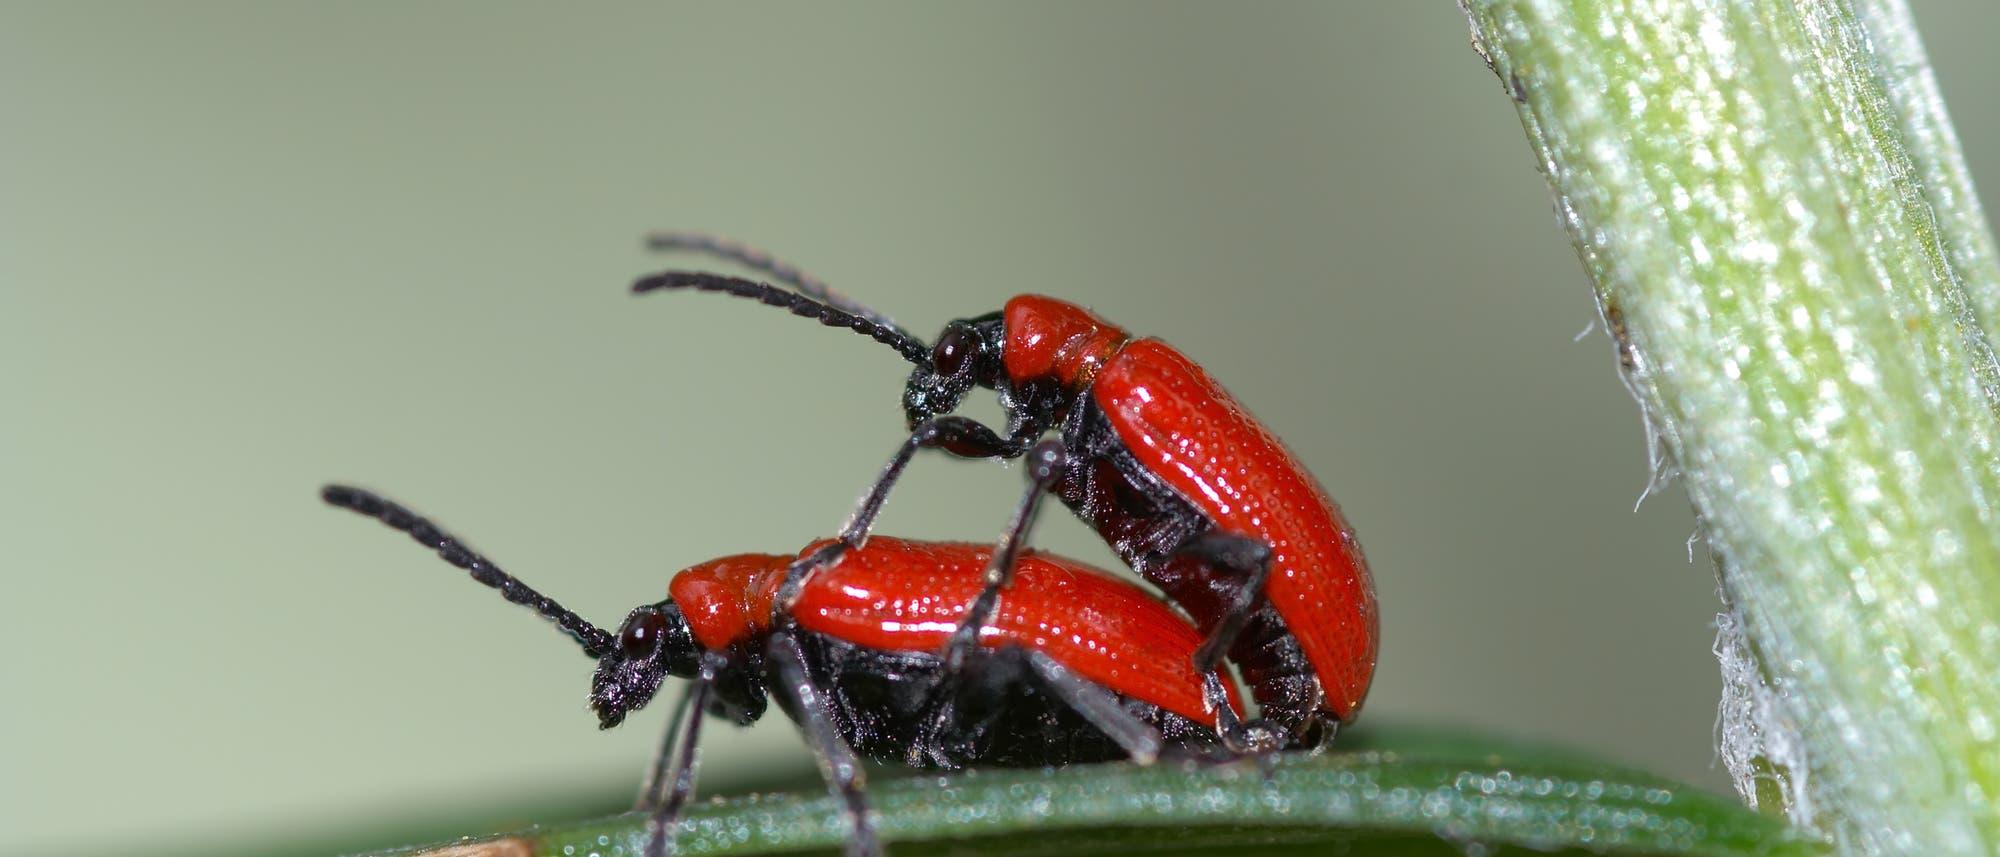 Zwei Käfer im Akt der Fortpflanzung